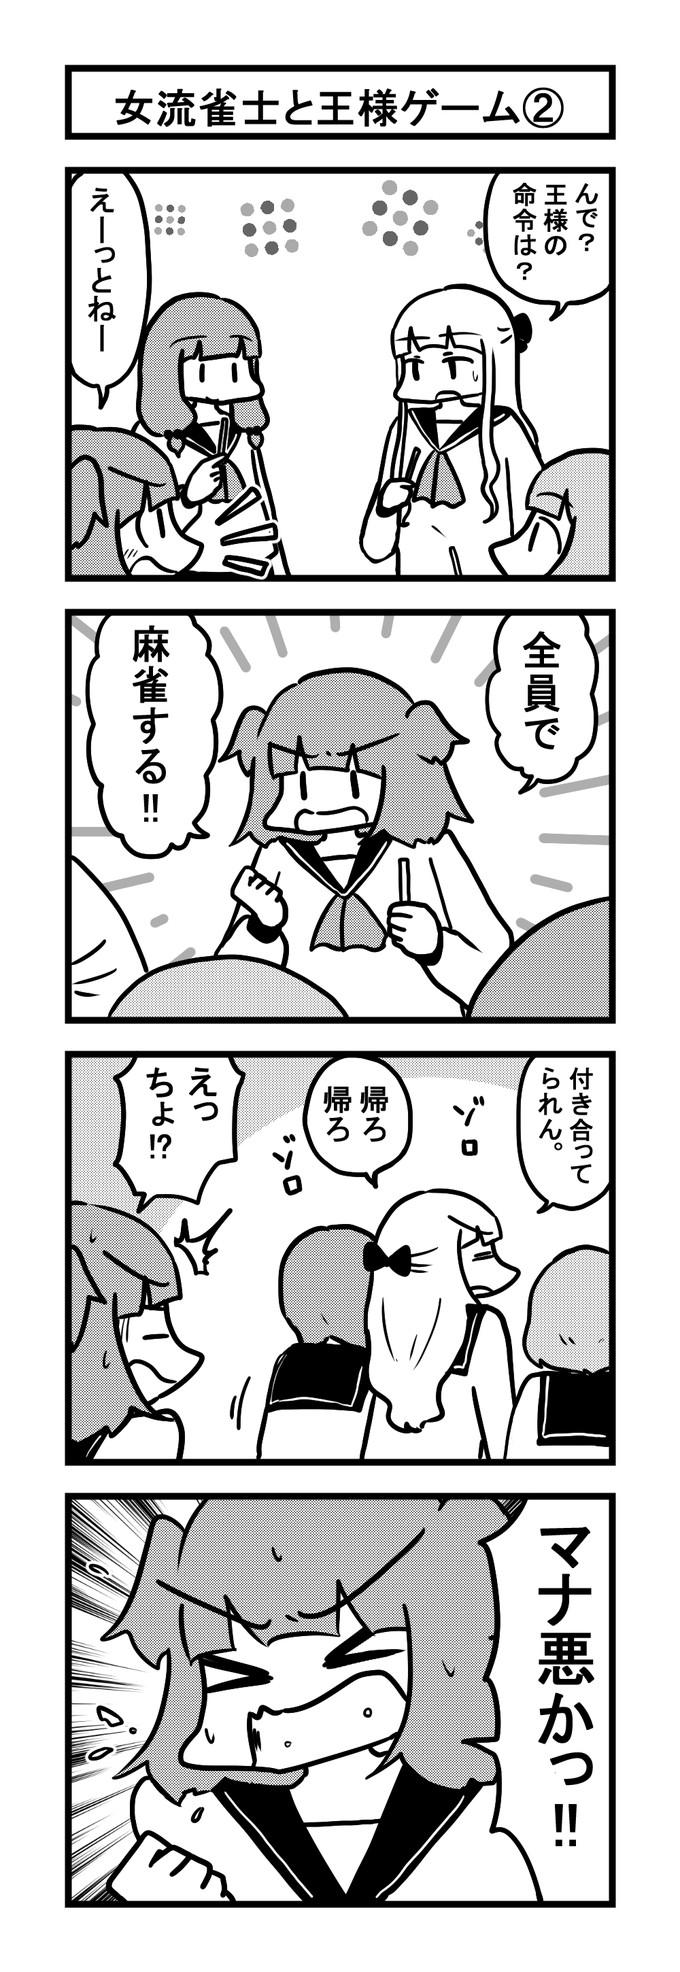 710女流雀士と王様ゲーム②